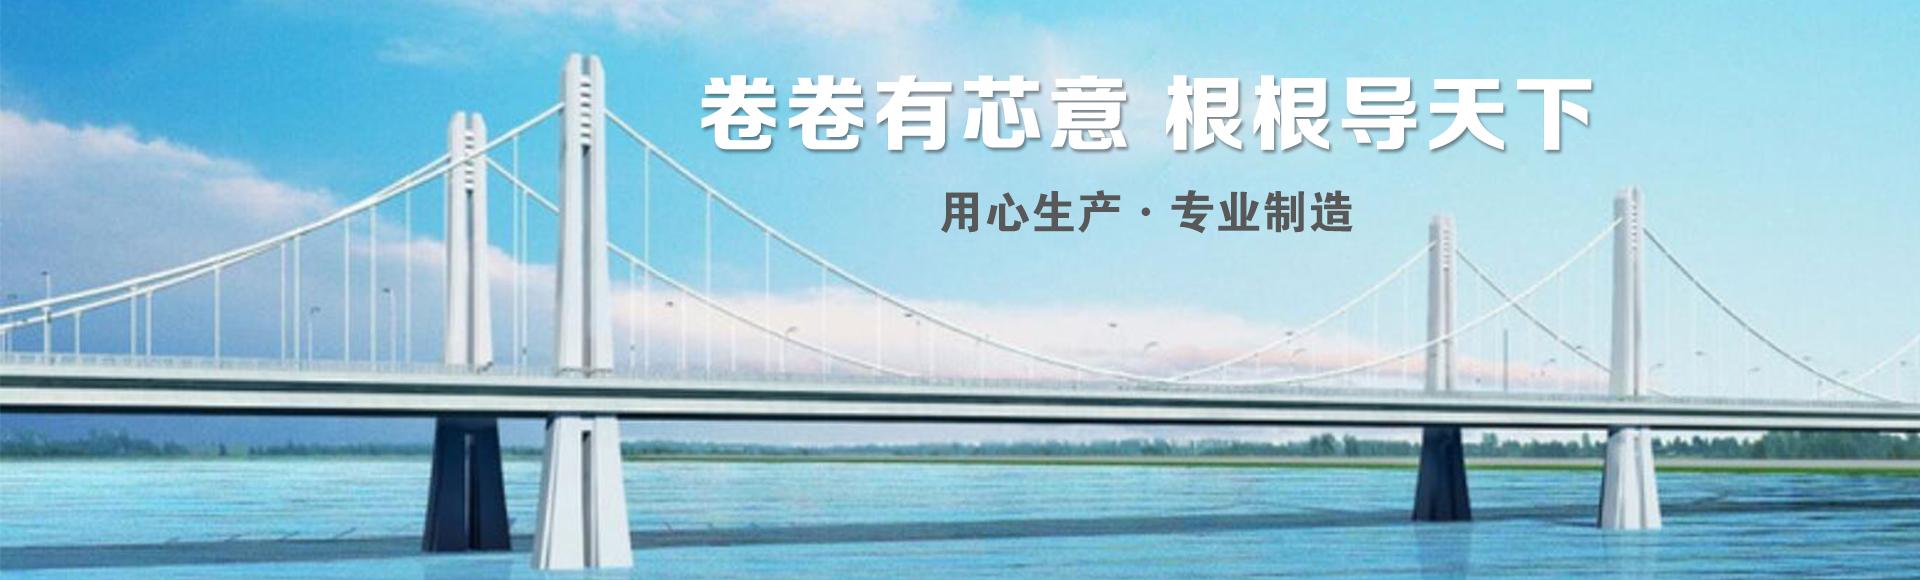 控制电缆_上海万普线缆有限公司